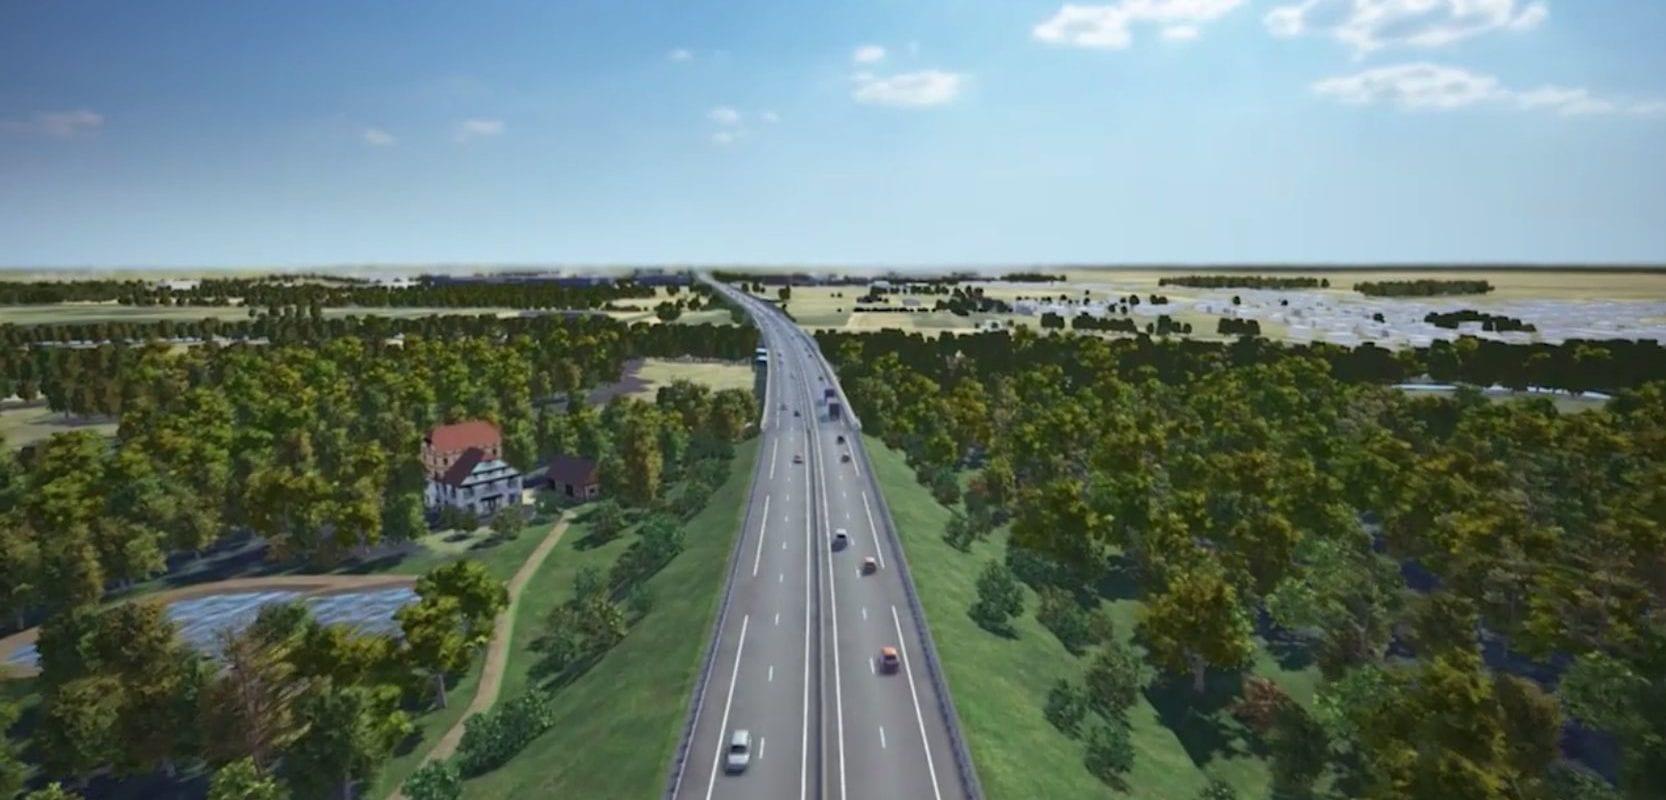 GCO : Le tribunal annule la première version du permis d'aménager le viaduc de Kolbsheim